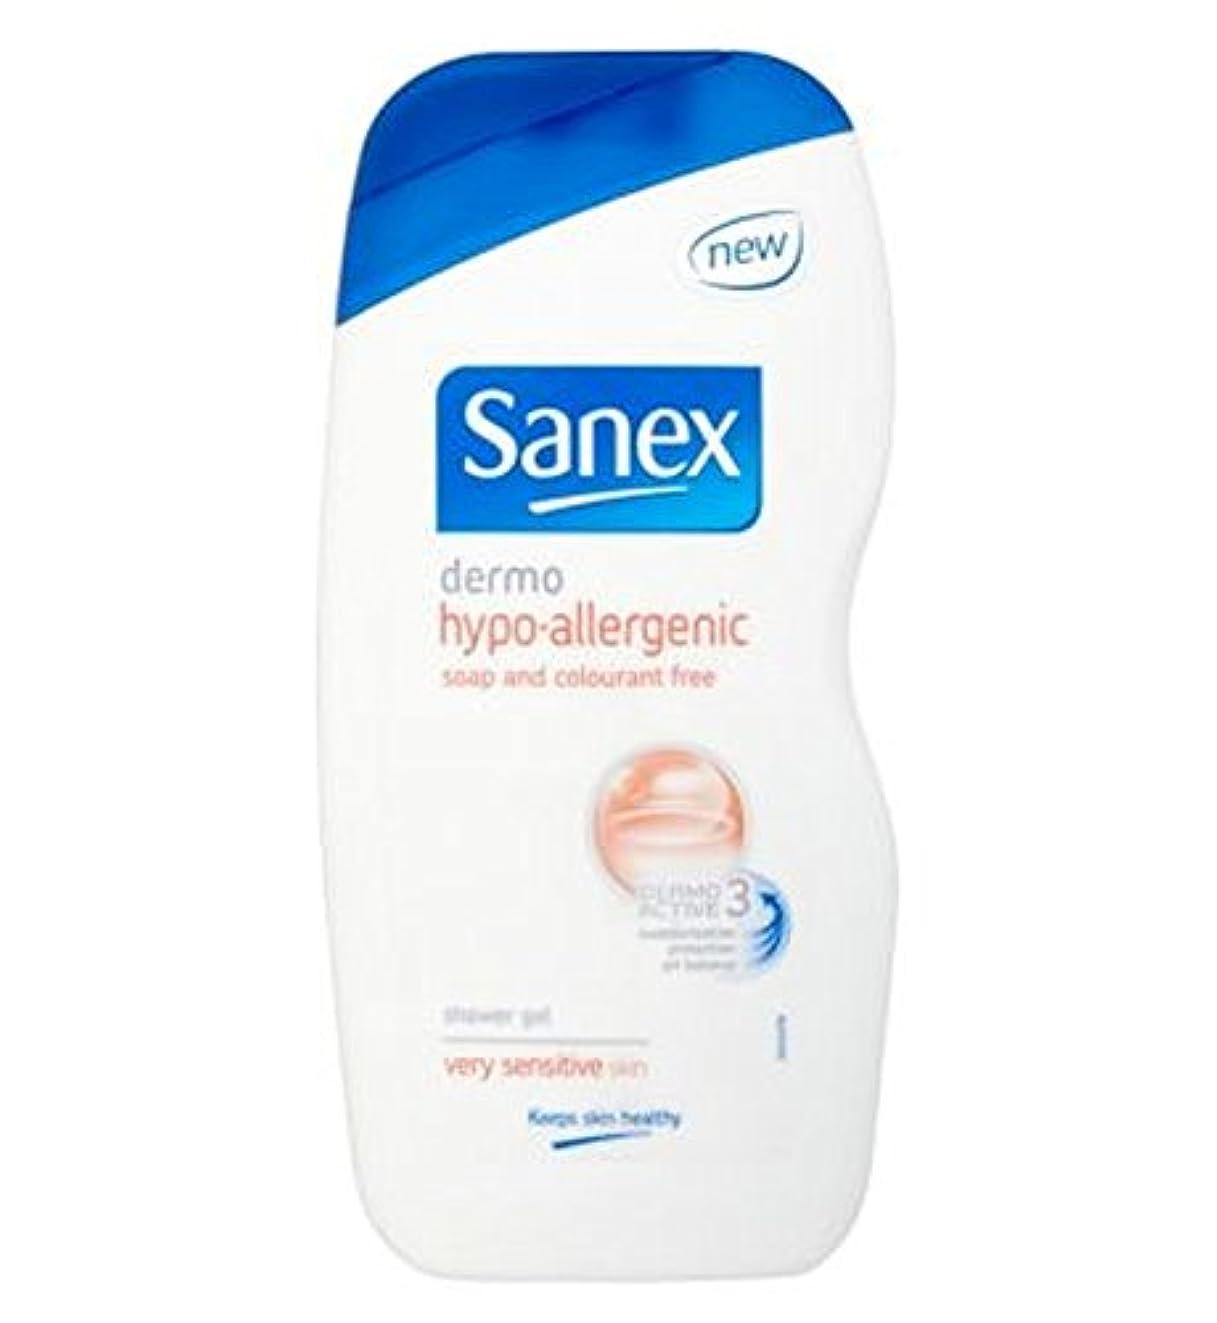 振るきらきら納得させるSanex低刺激性のシャワージェル500ミリリットル (Sanex) (x2) - Sanex Hypoallergenic Shower Gel 500ml (Pack of 2) [並行輸入品]